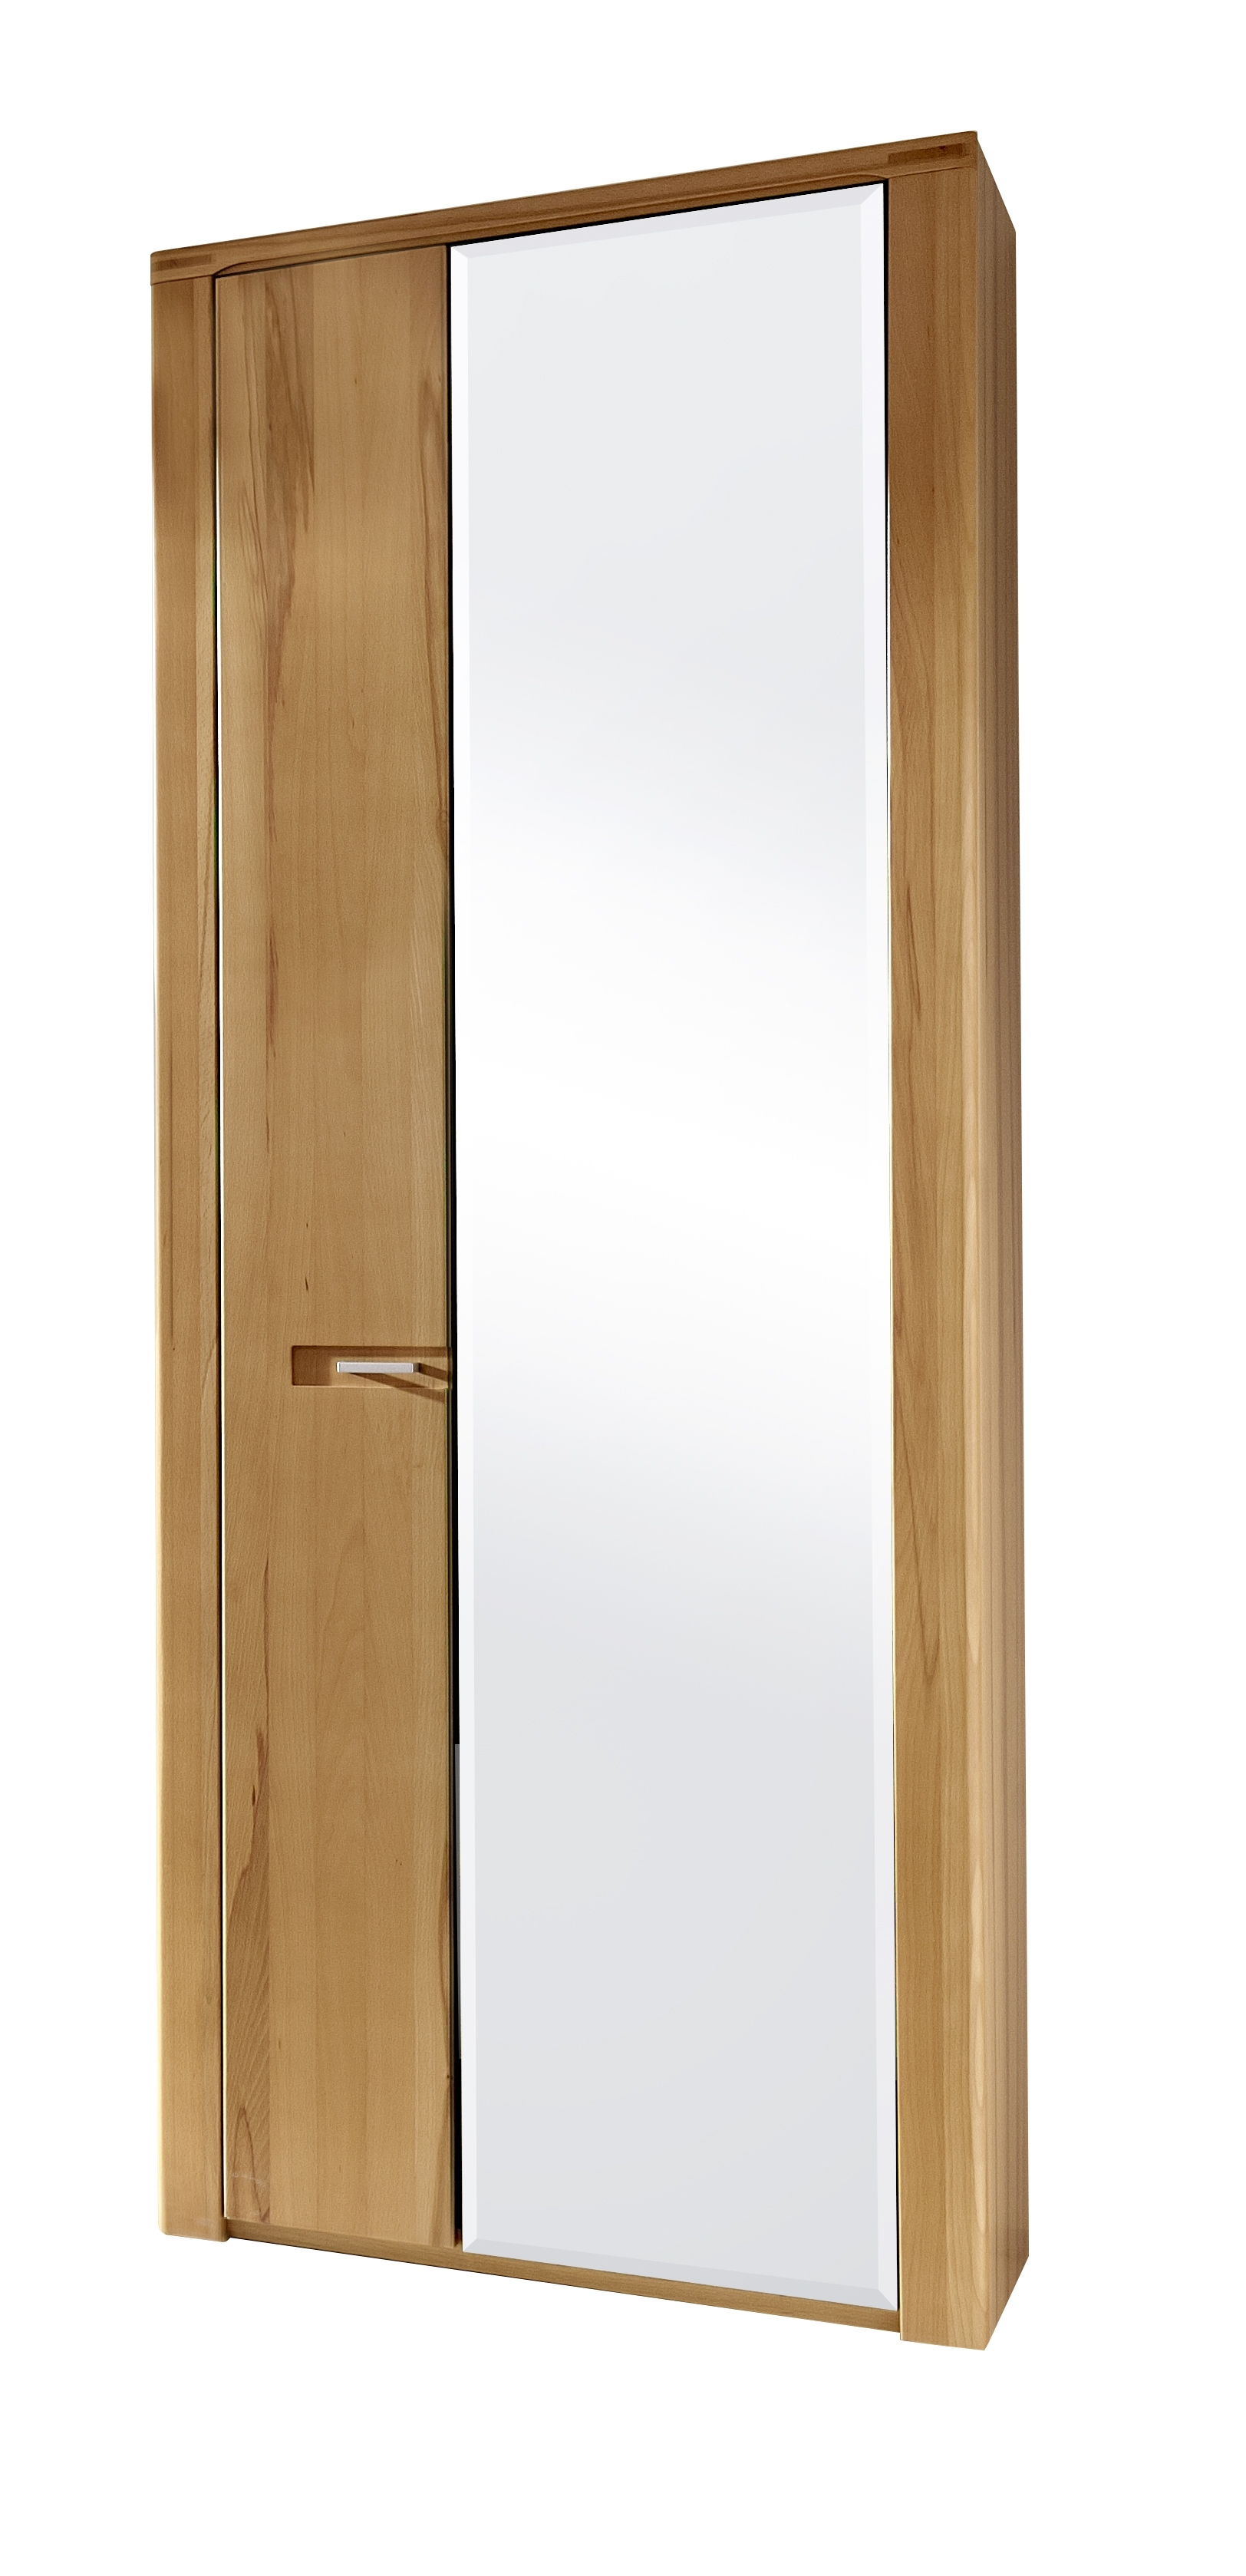 Dulap hol din pal cu oglinda cu 2 usi, Natur Plus, l74xA40xH200 cm imagine